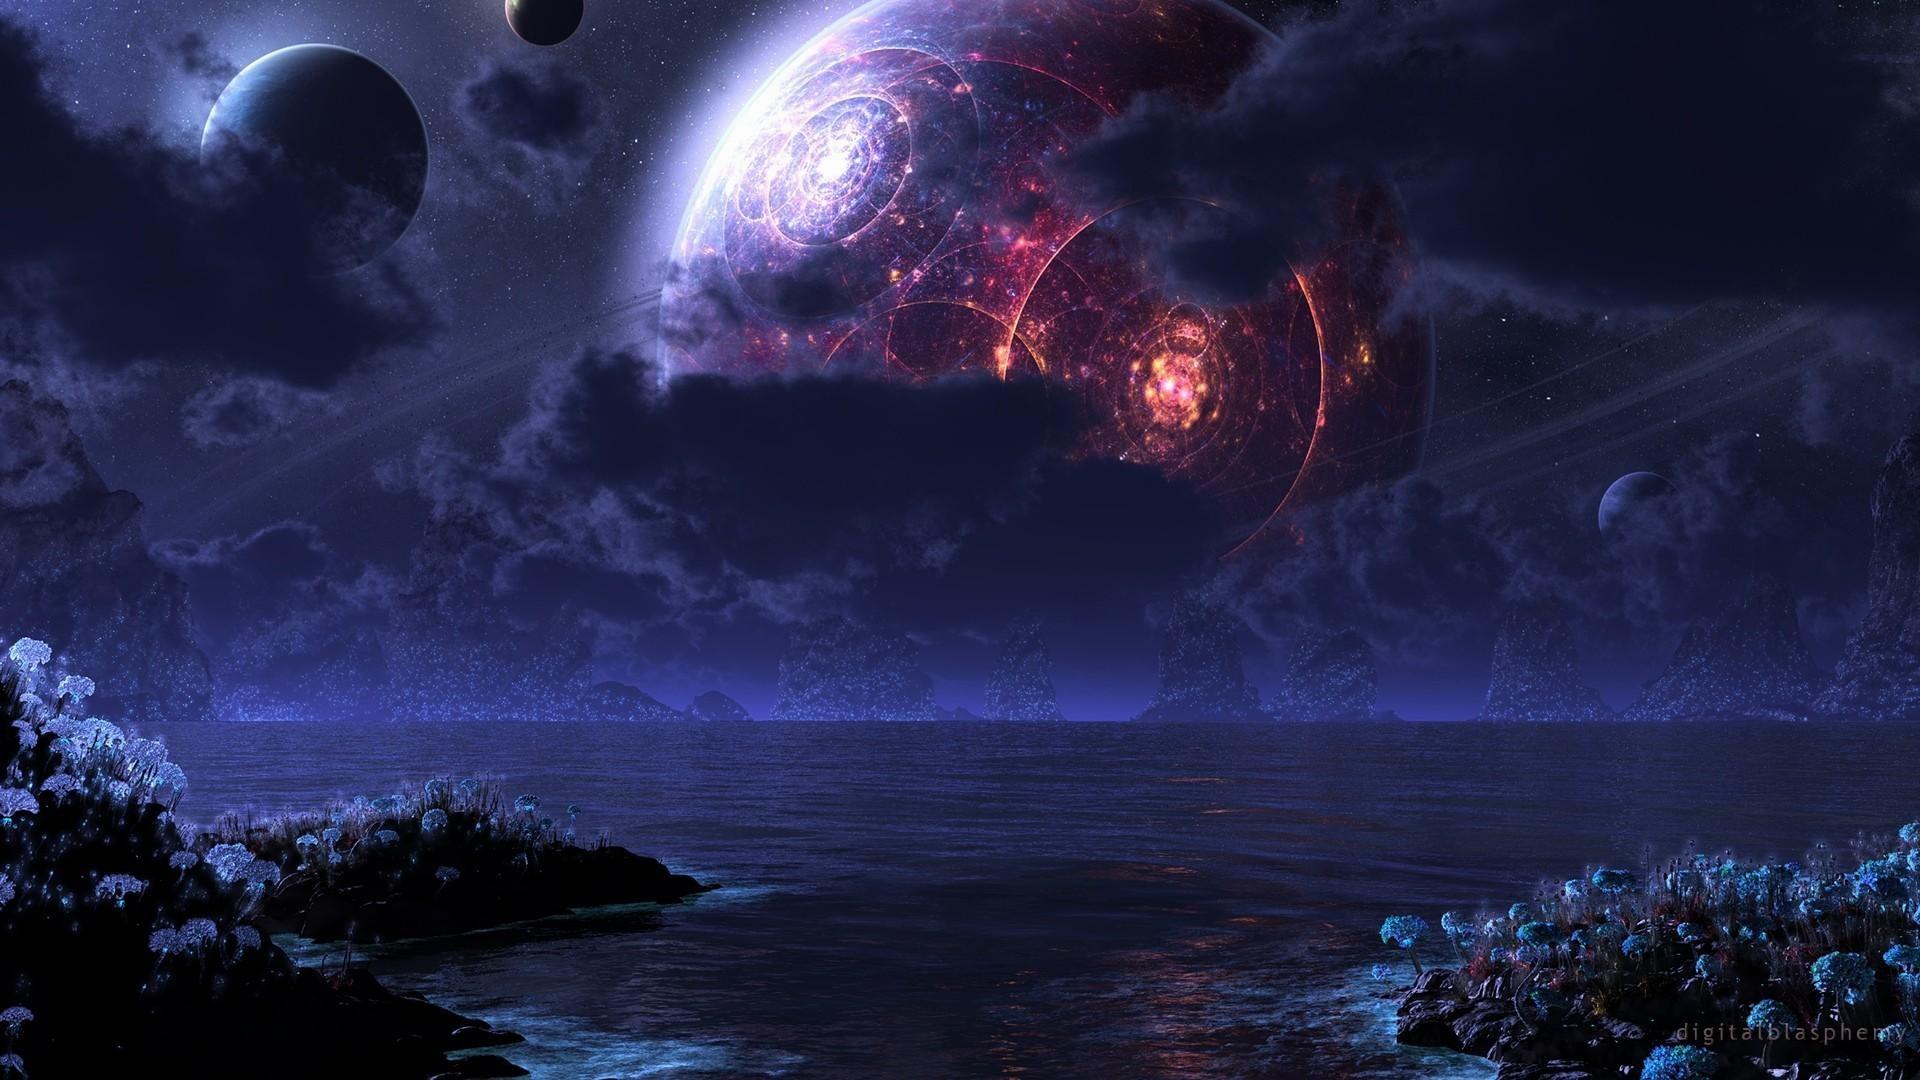 Res: 1920x1080, Alien-Civilization-Planet-Landscape-Hi-Res-Alien-Landscape-Hd-Free-Do- wallpaper-wp6802290